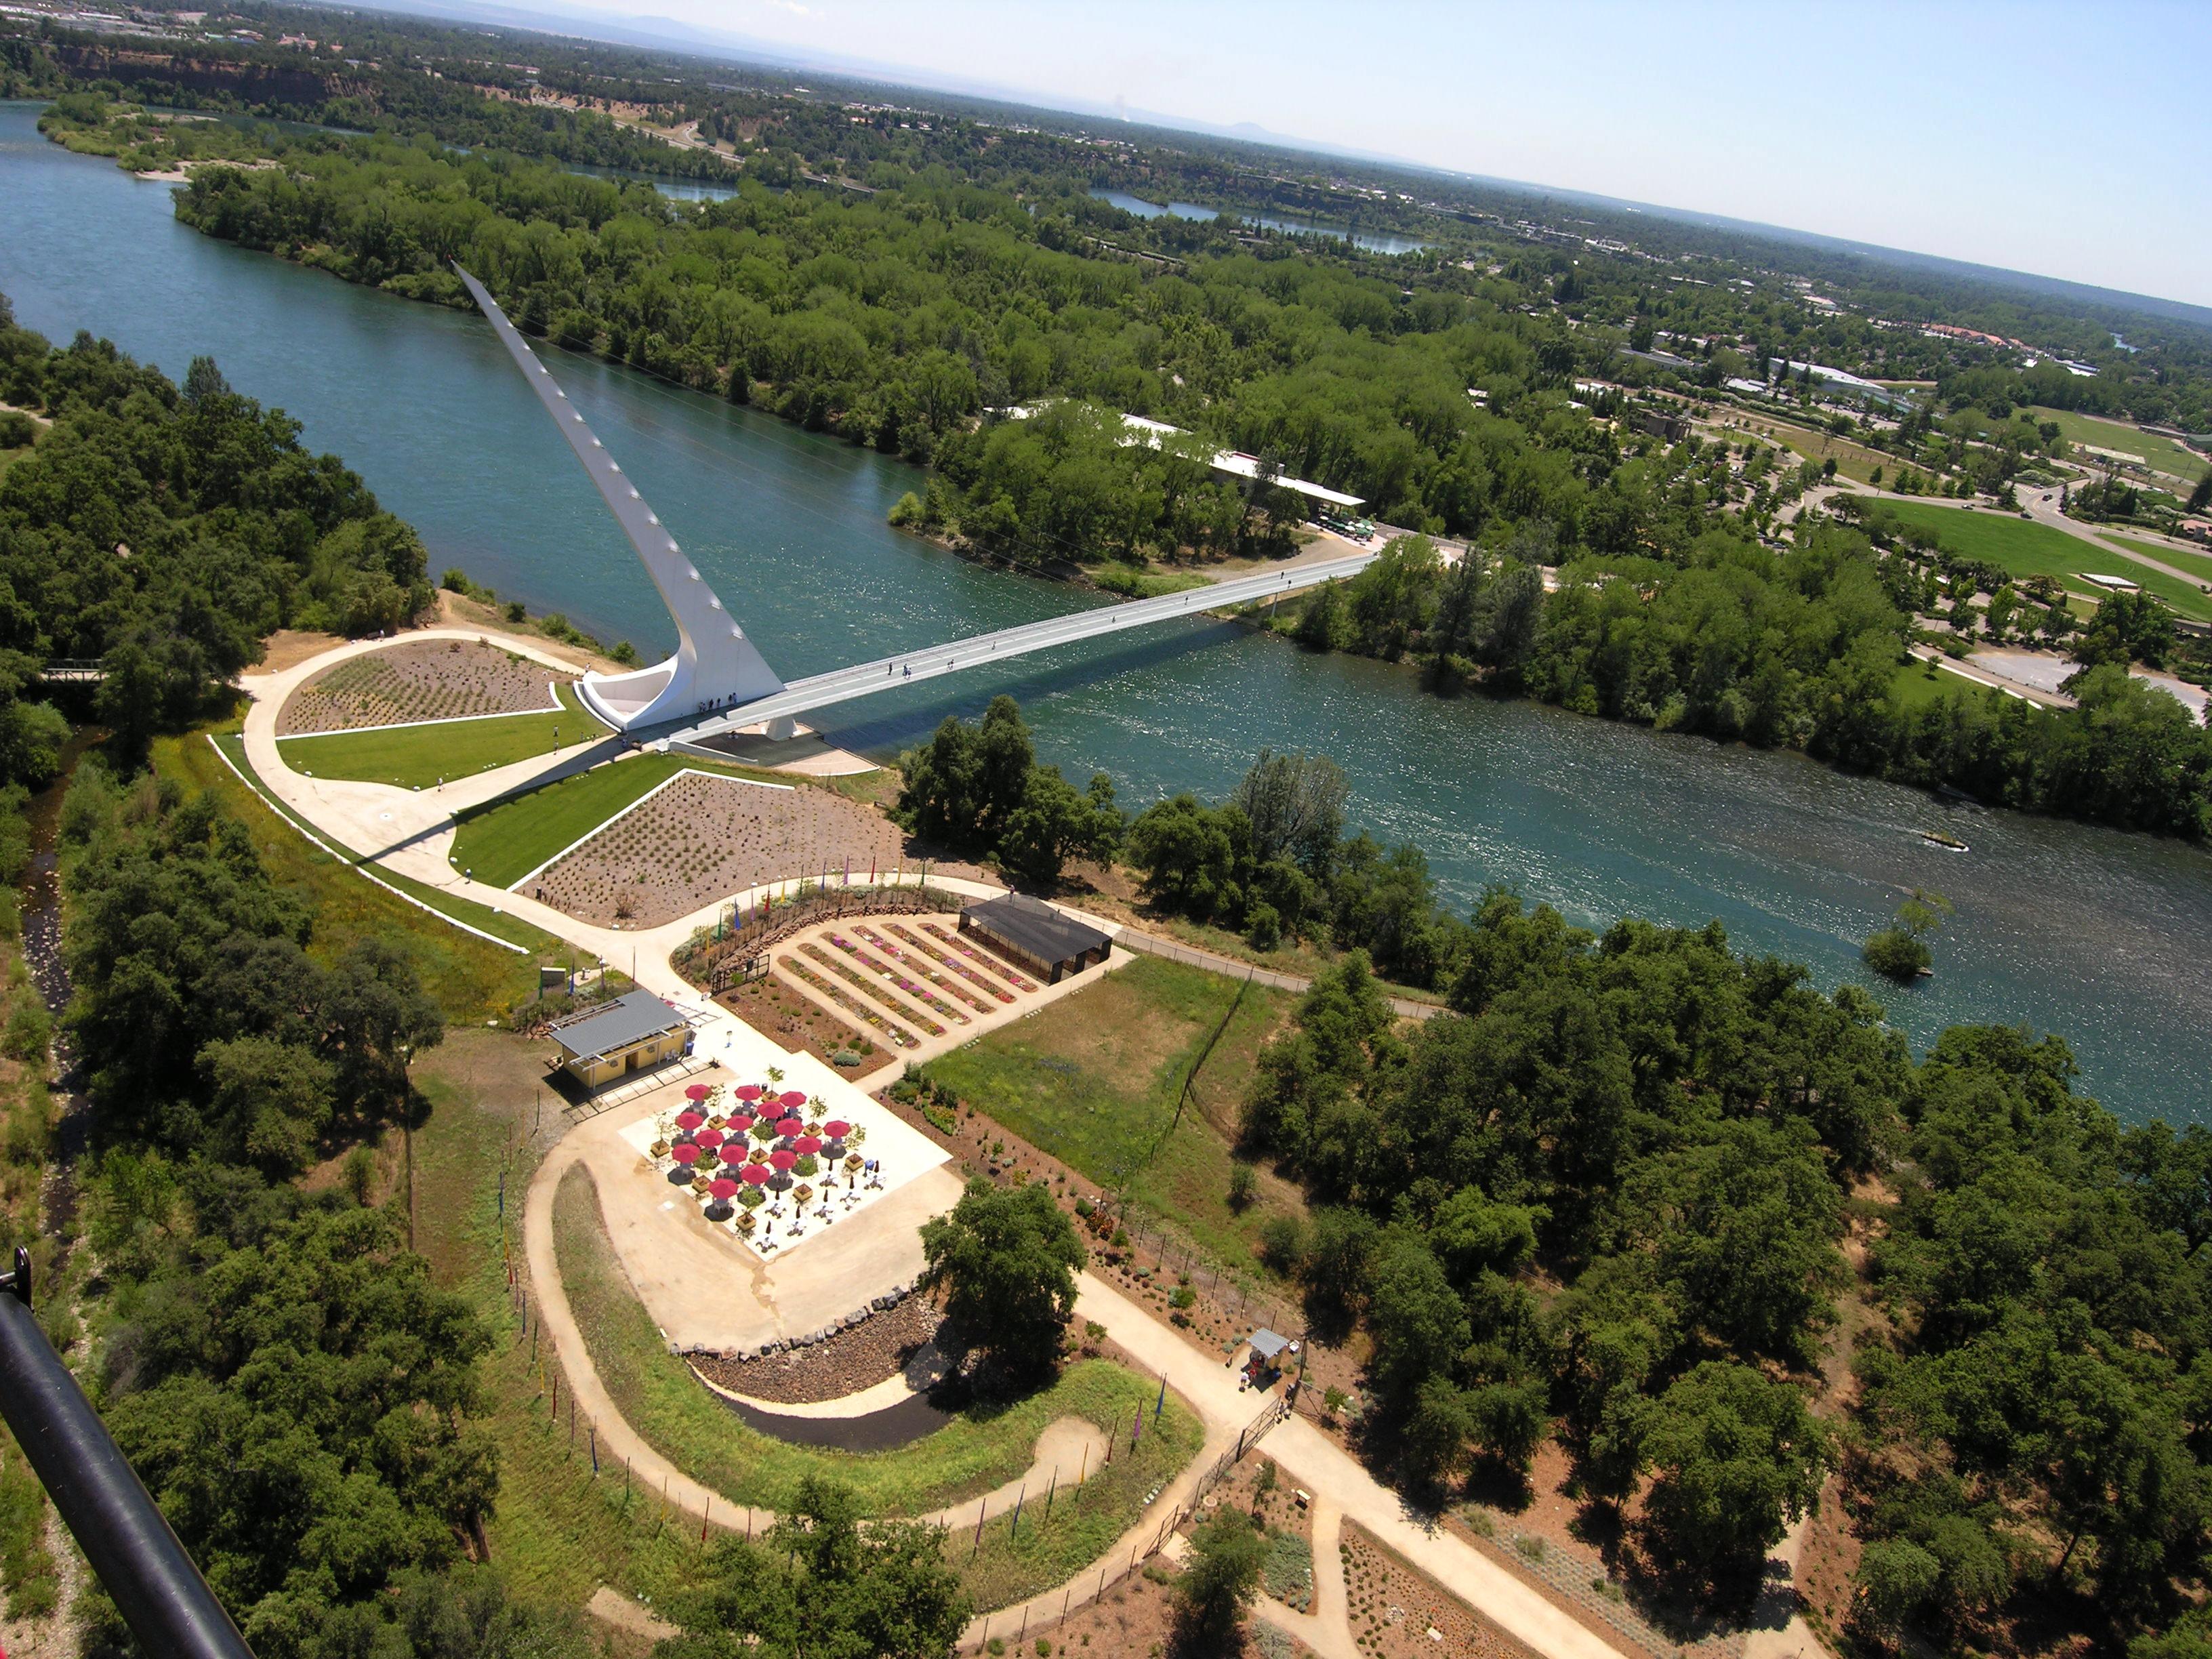 Aerial view of the Sundial Bridge